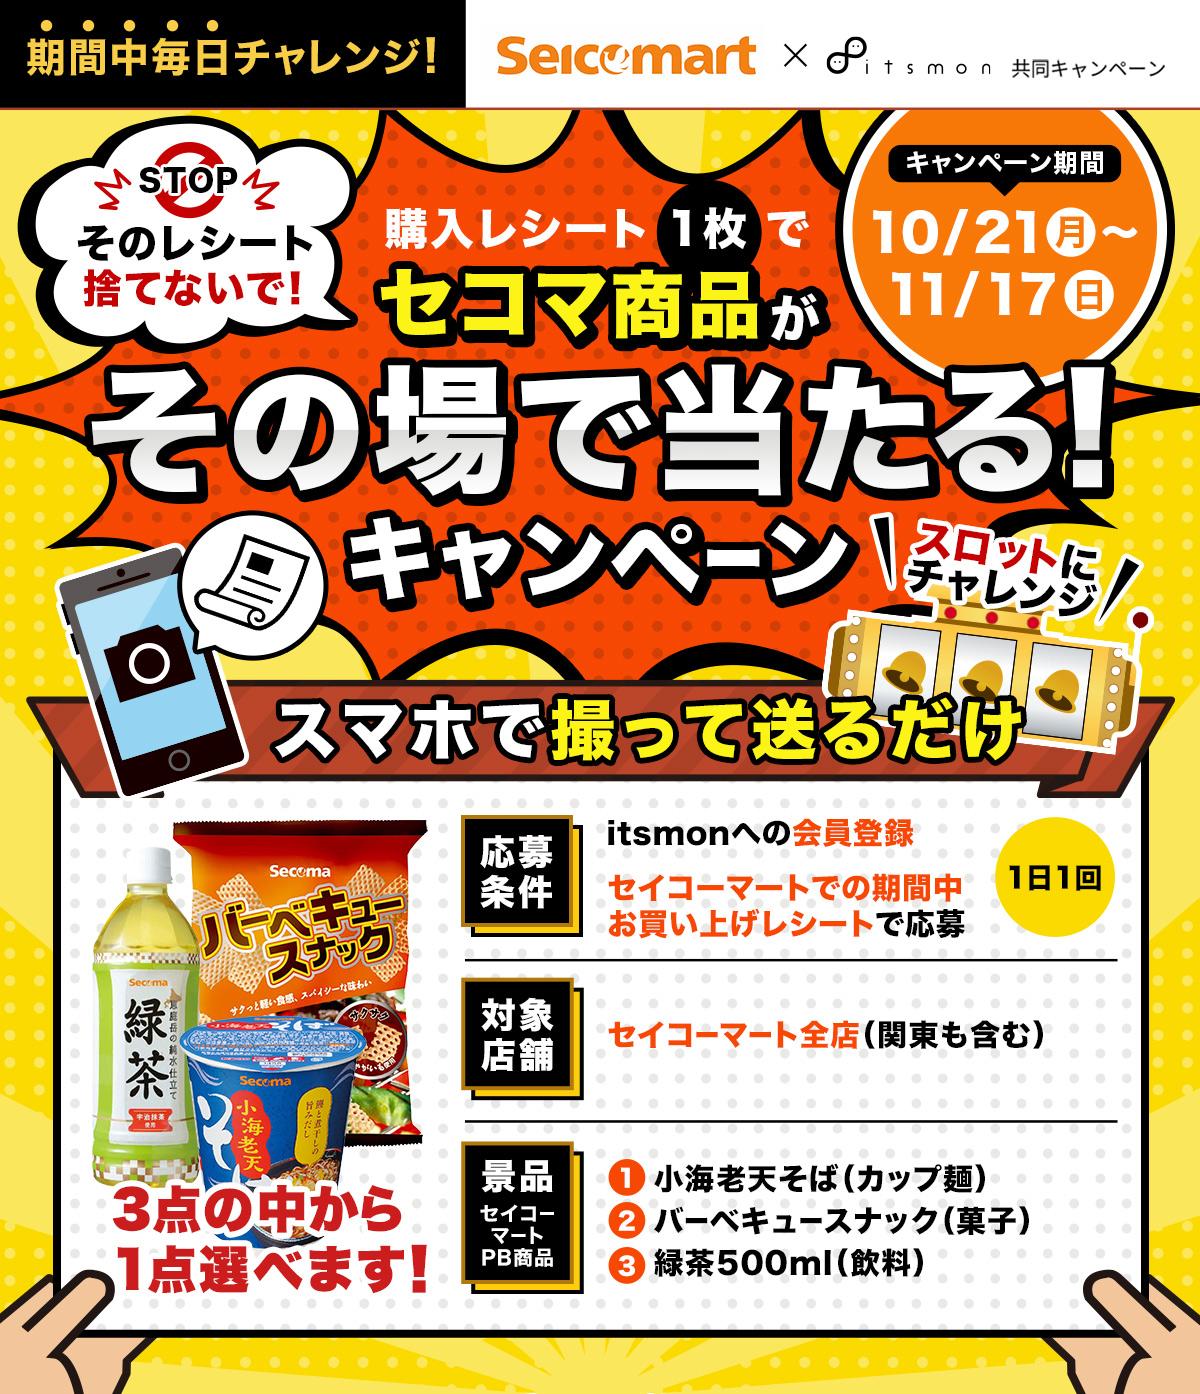 セイコーマート×itsmon共同キャンペーン「その場でクーポン当たるキャンペーン!」